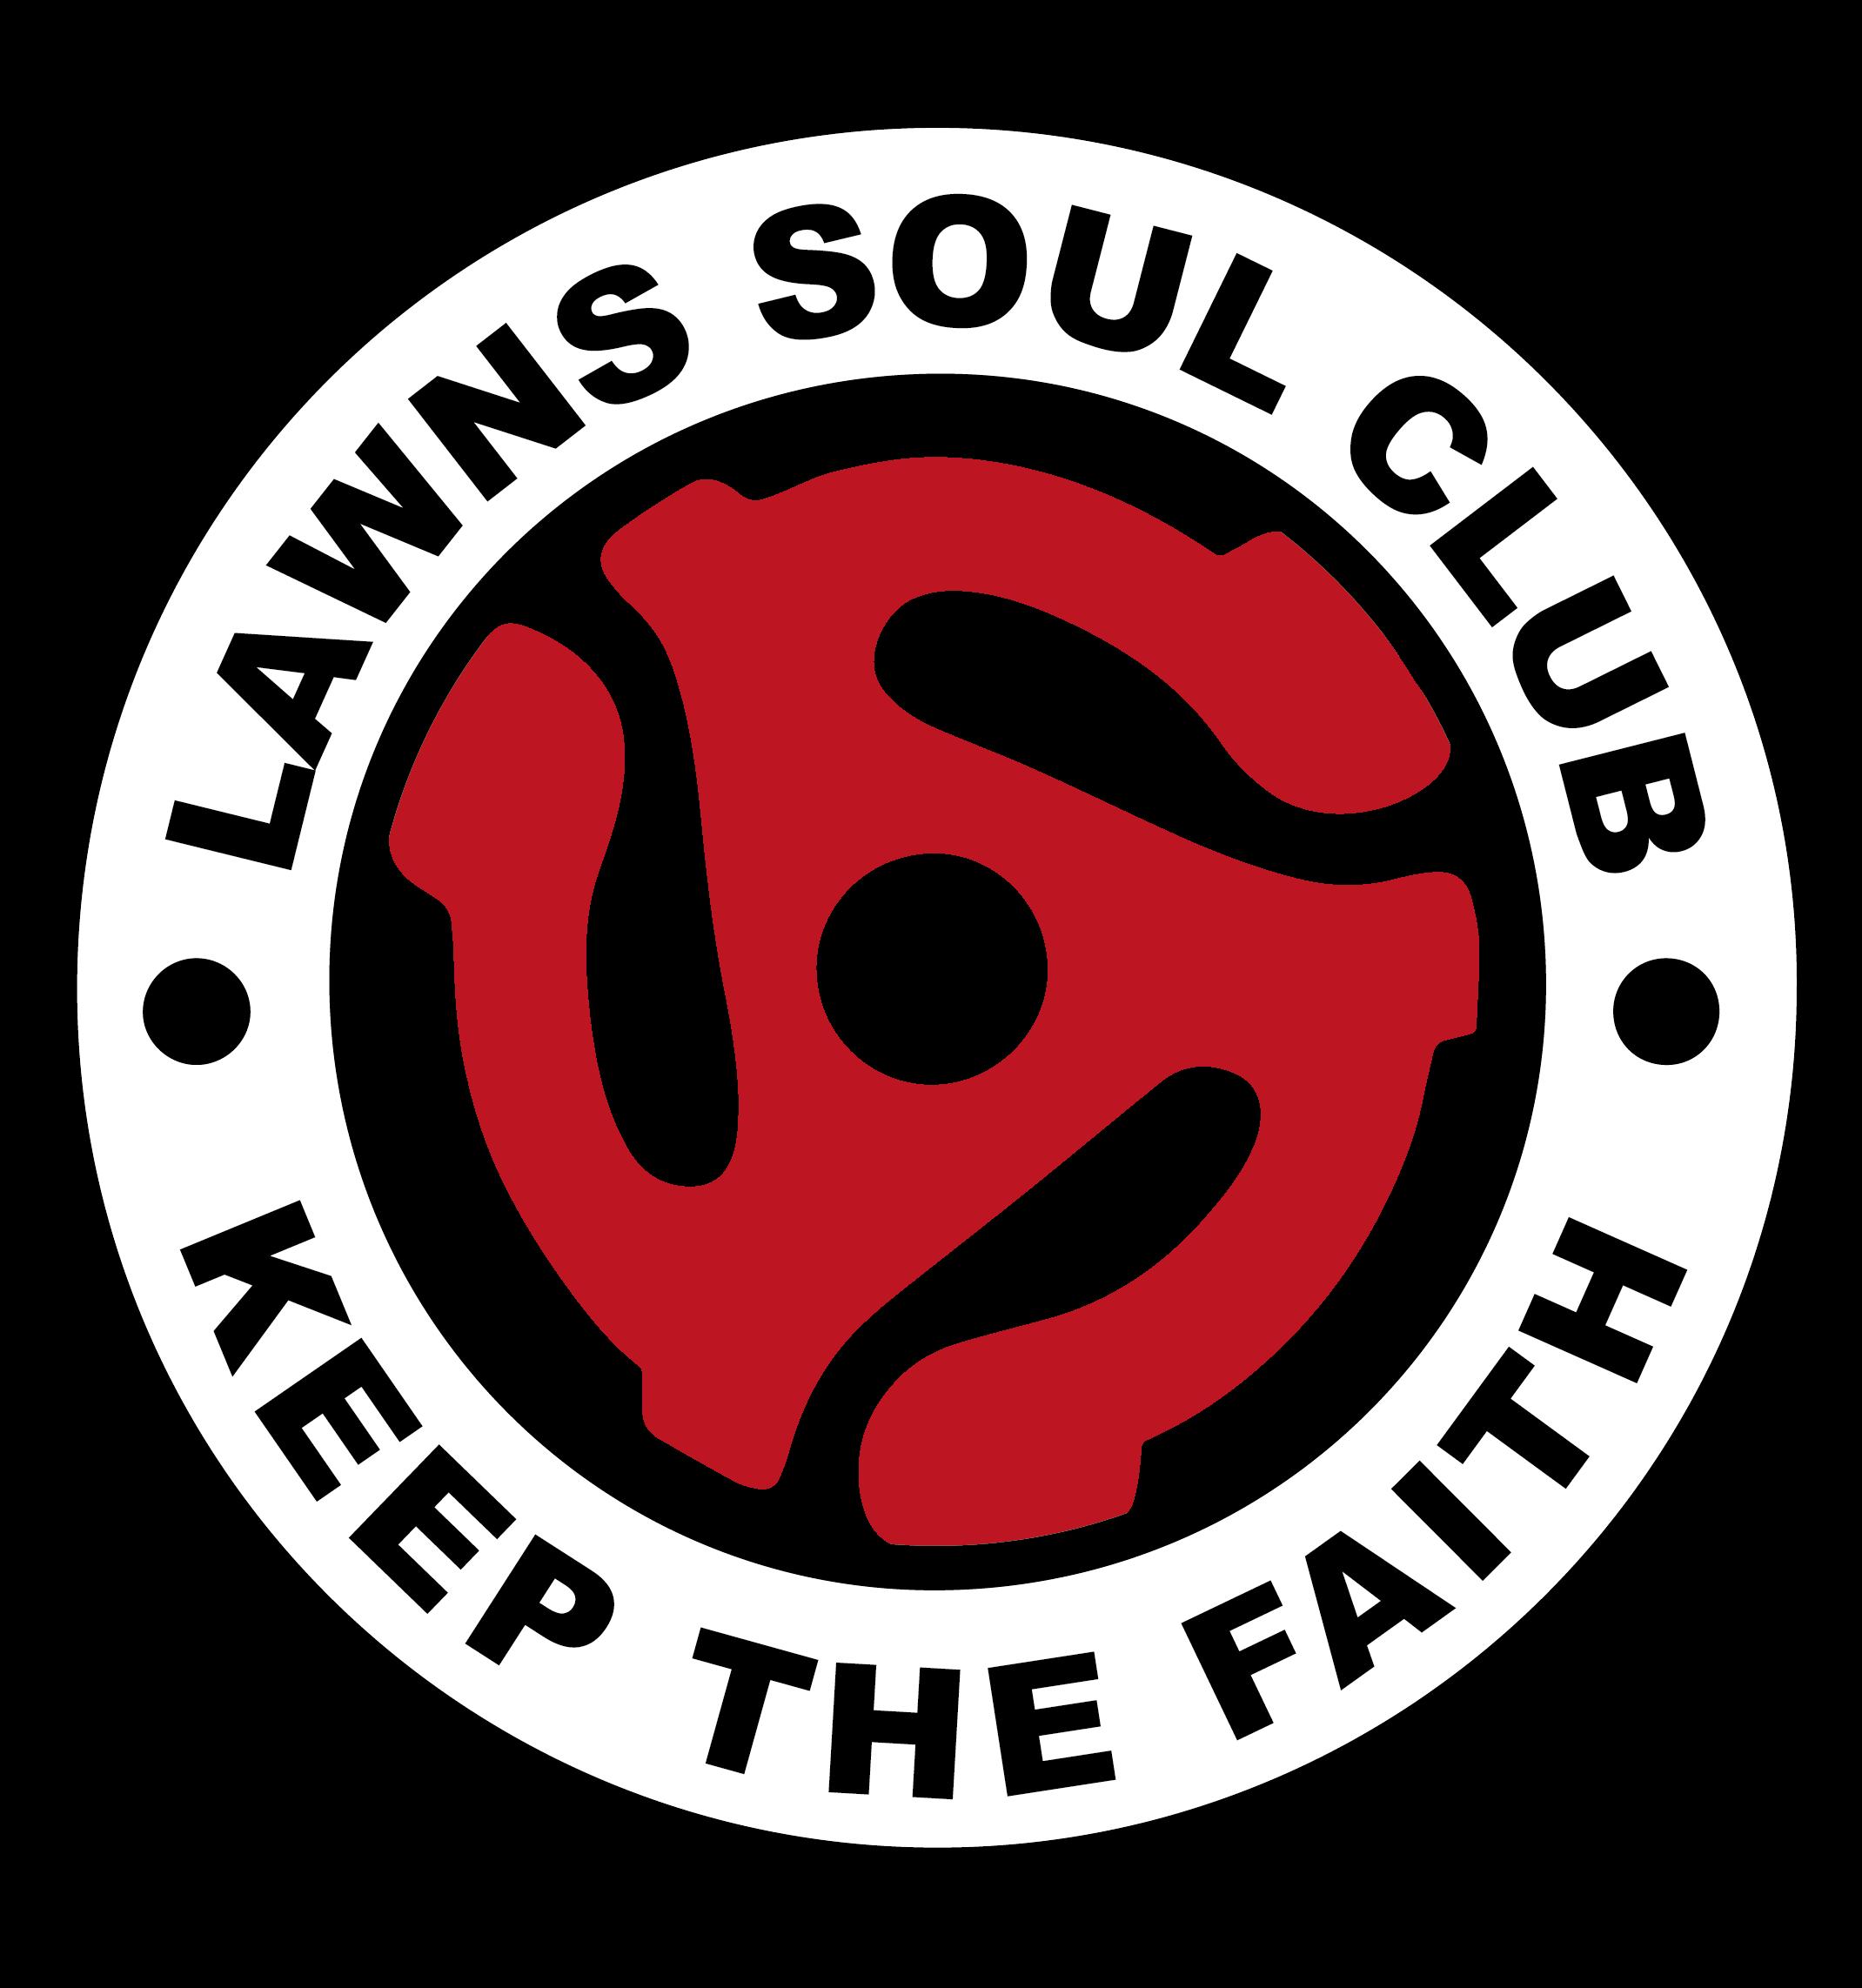 Lawns Soul Club  Taunton flyer